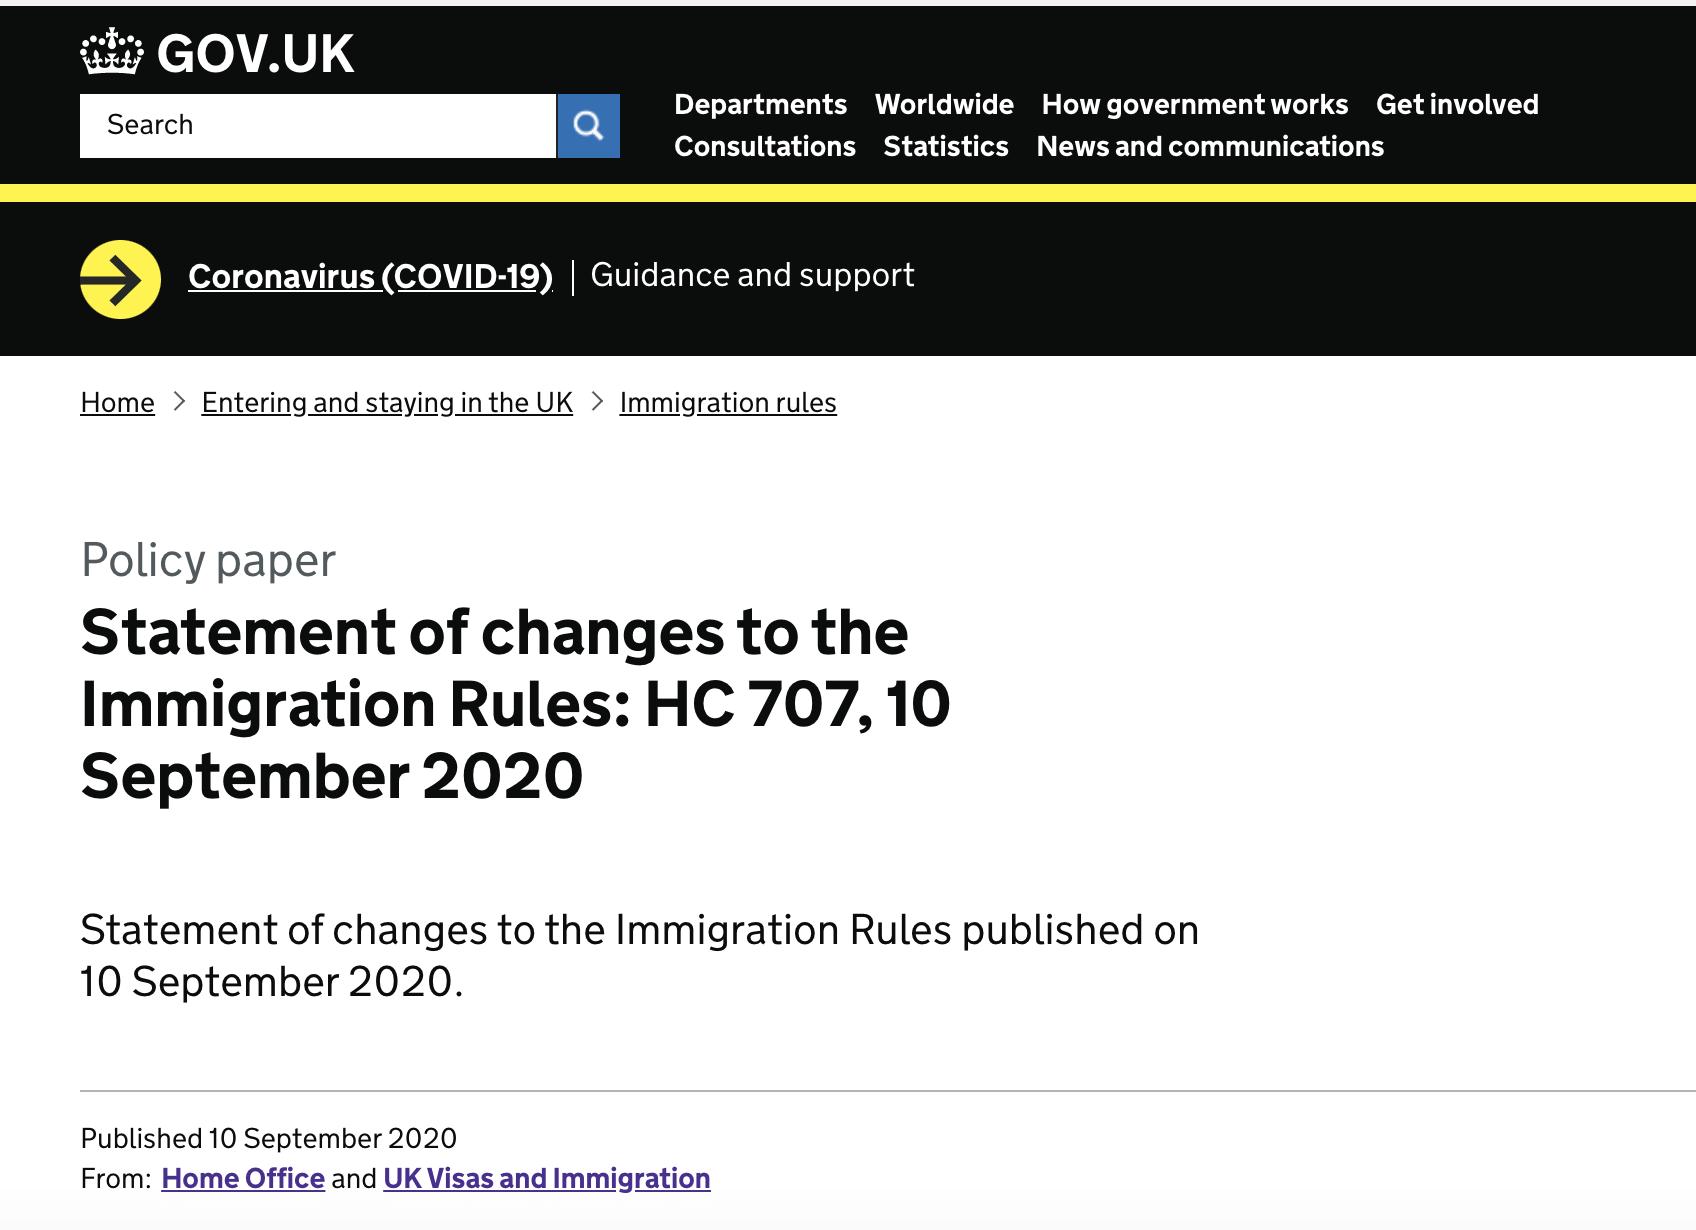 2020年英国学生签证作出重大改变,10月5日后Tier 4签证将被替代!-英国新学生签证申请条件及体系变化